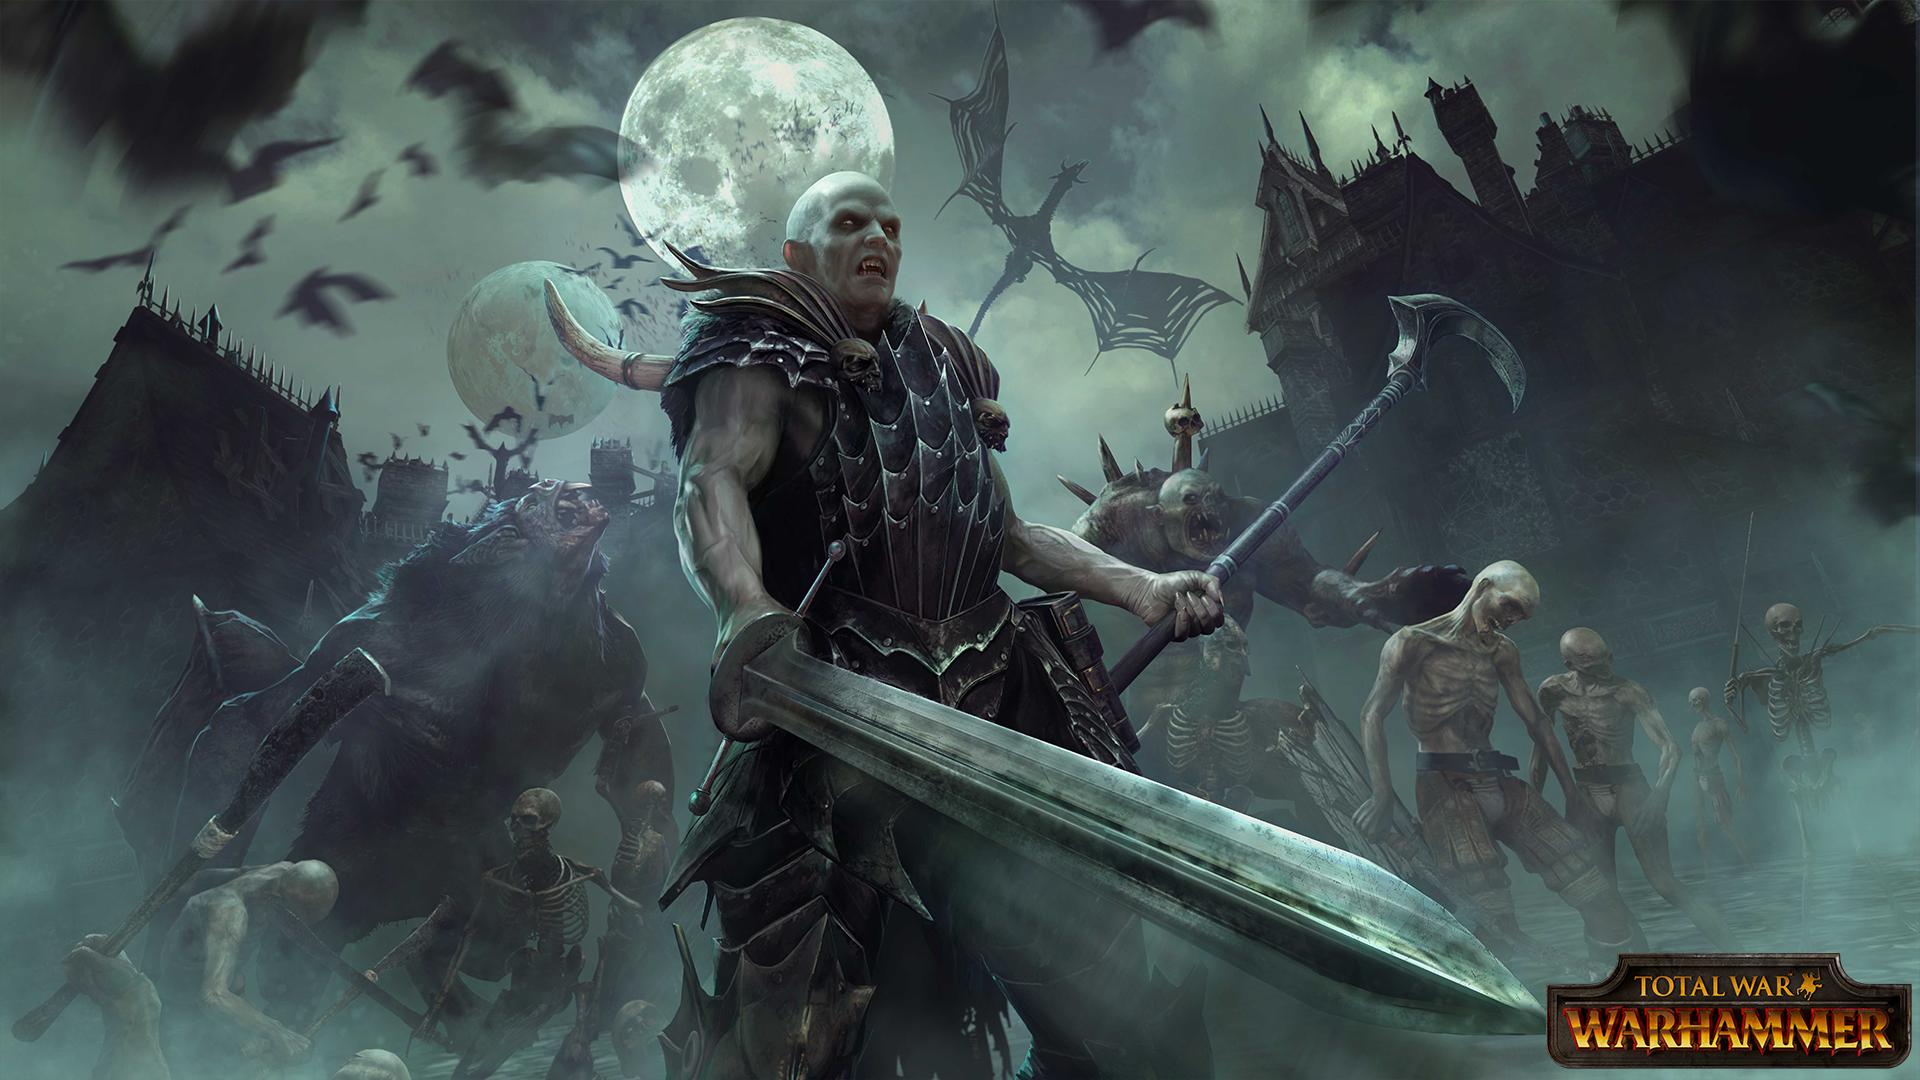 Reckoning Warhammer Vampire Wallpaper Wwwmiifotoscom